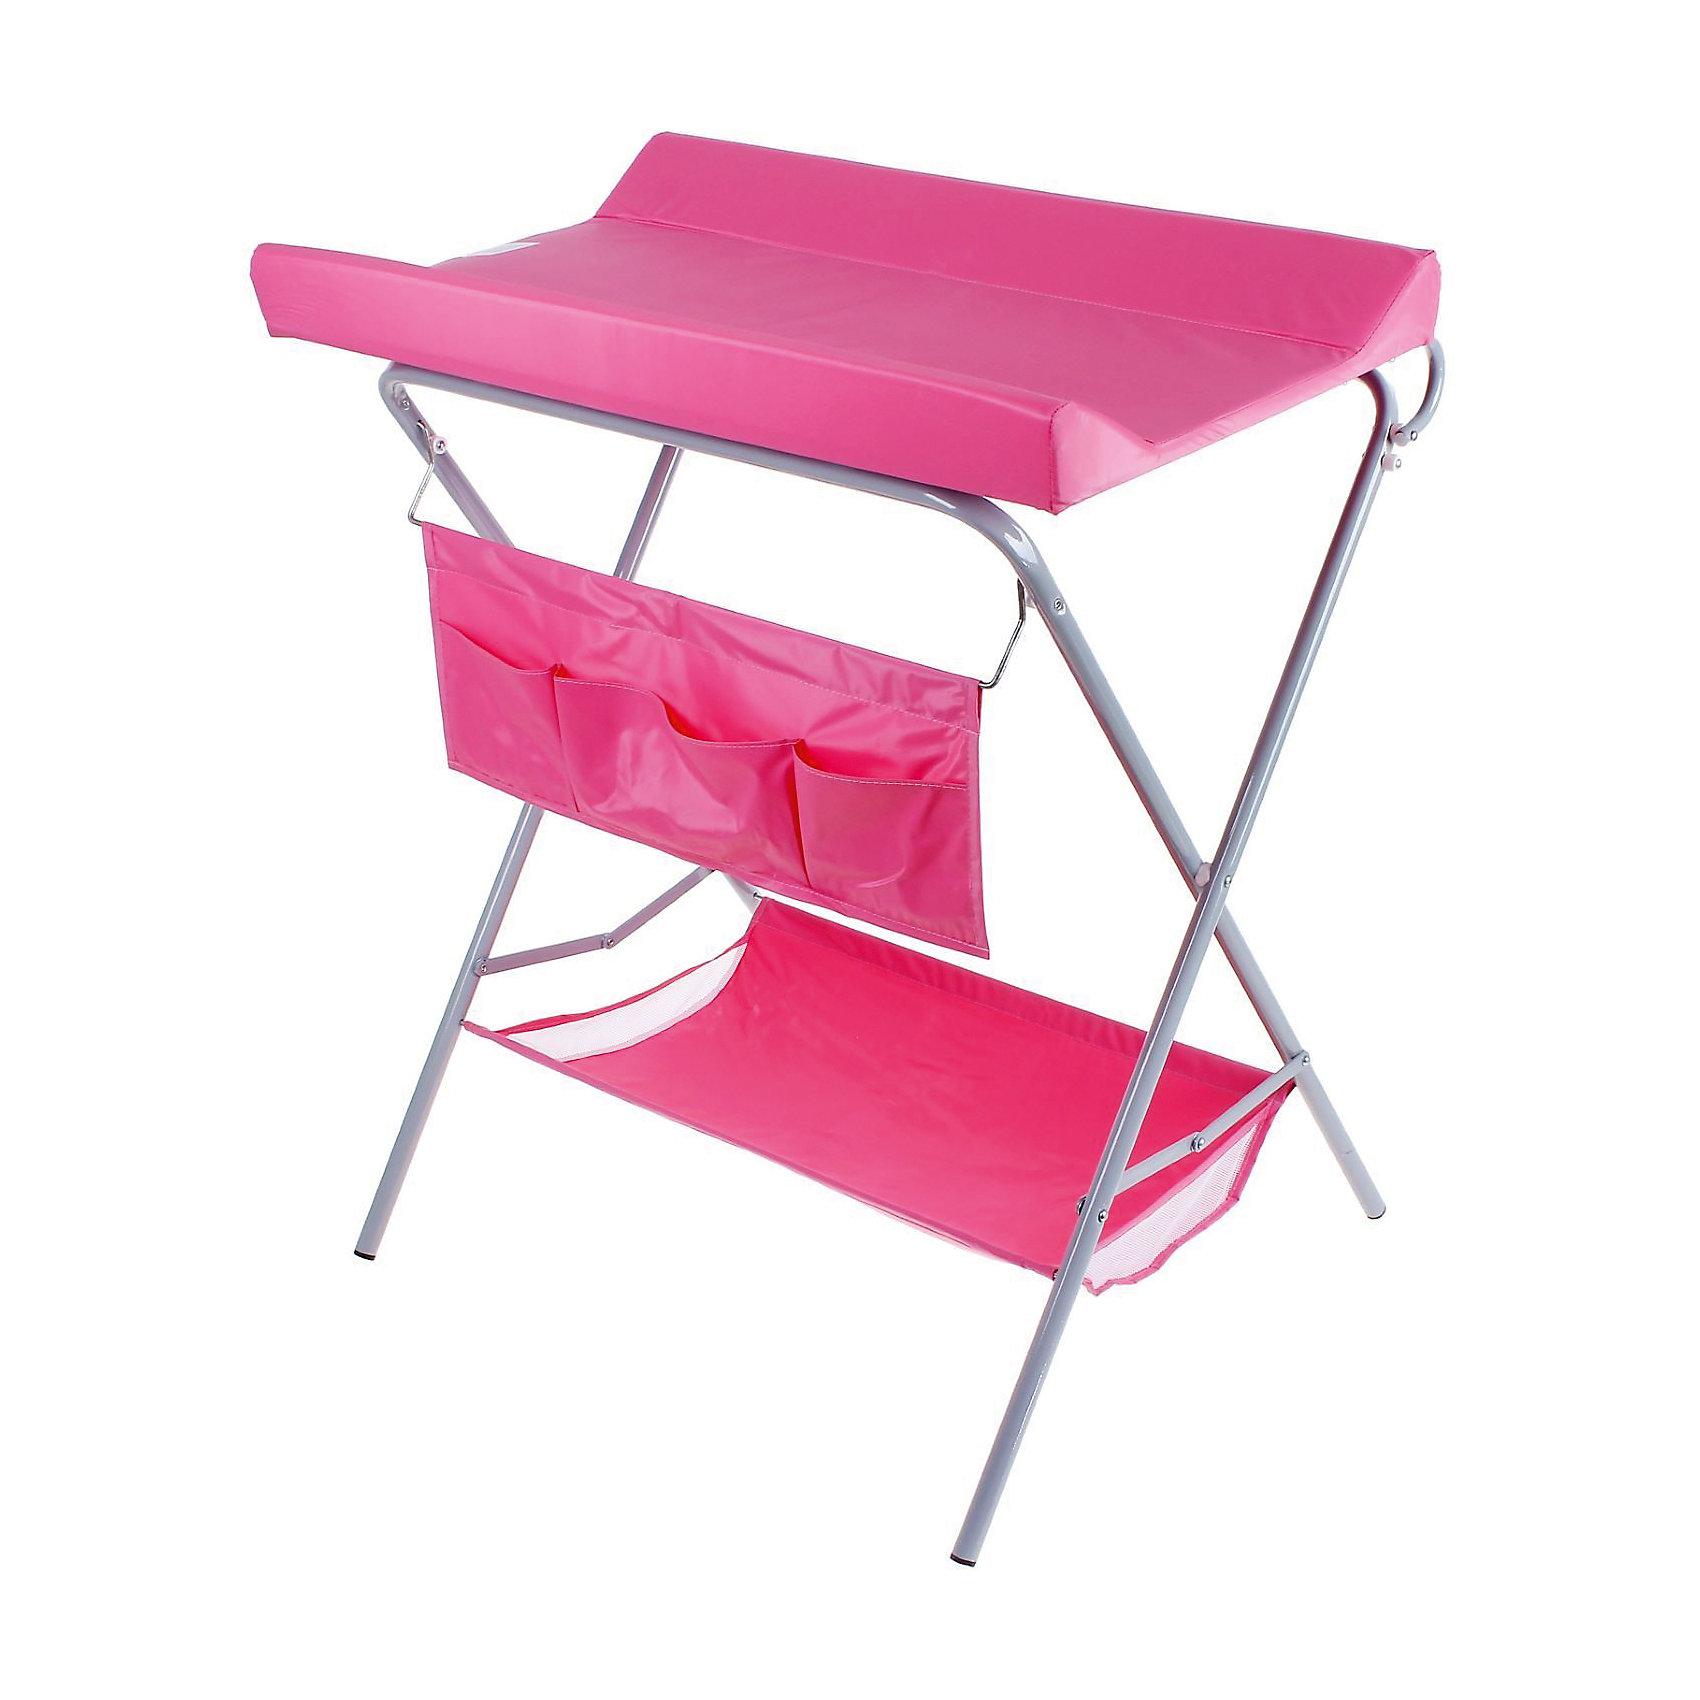 Пеленальный столик, Фея, розовый (ФЕЯ)